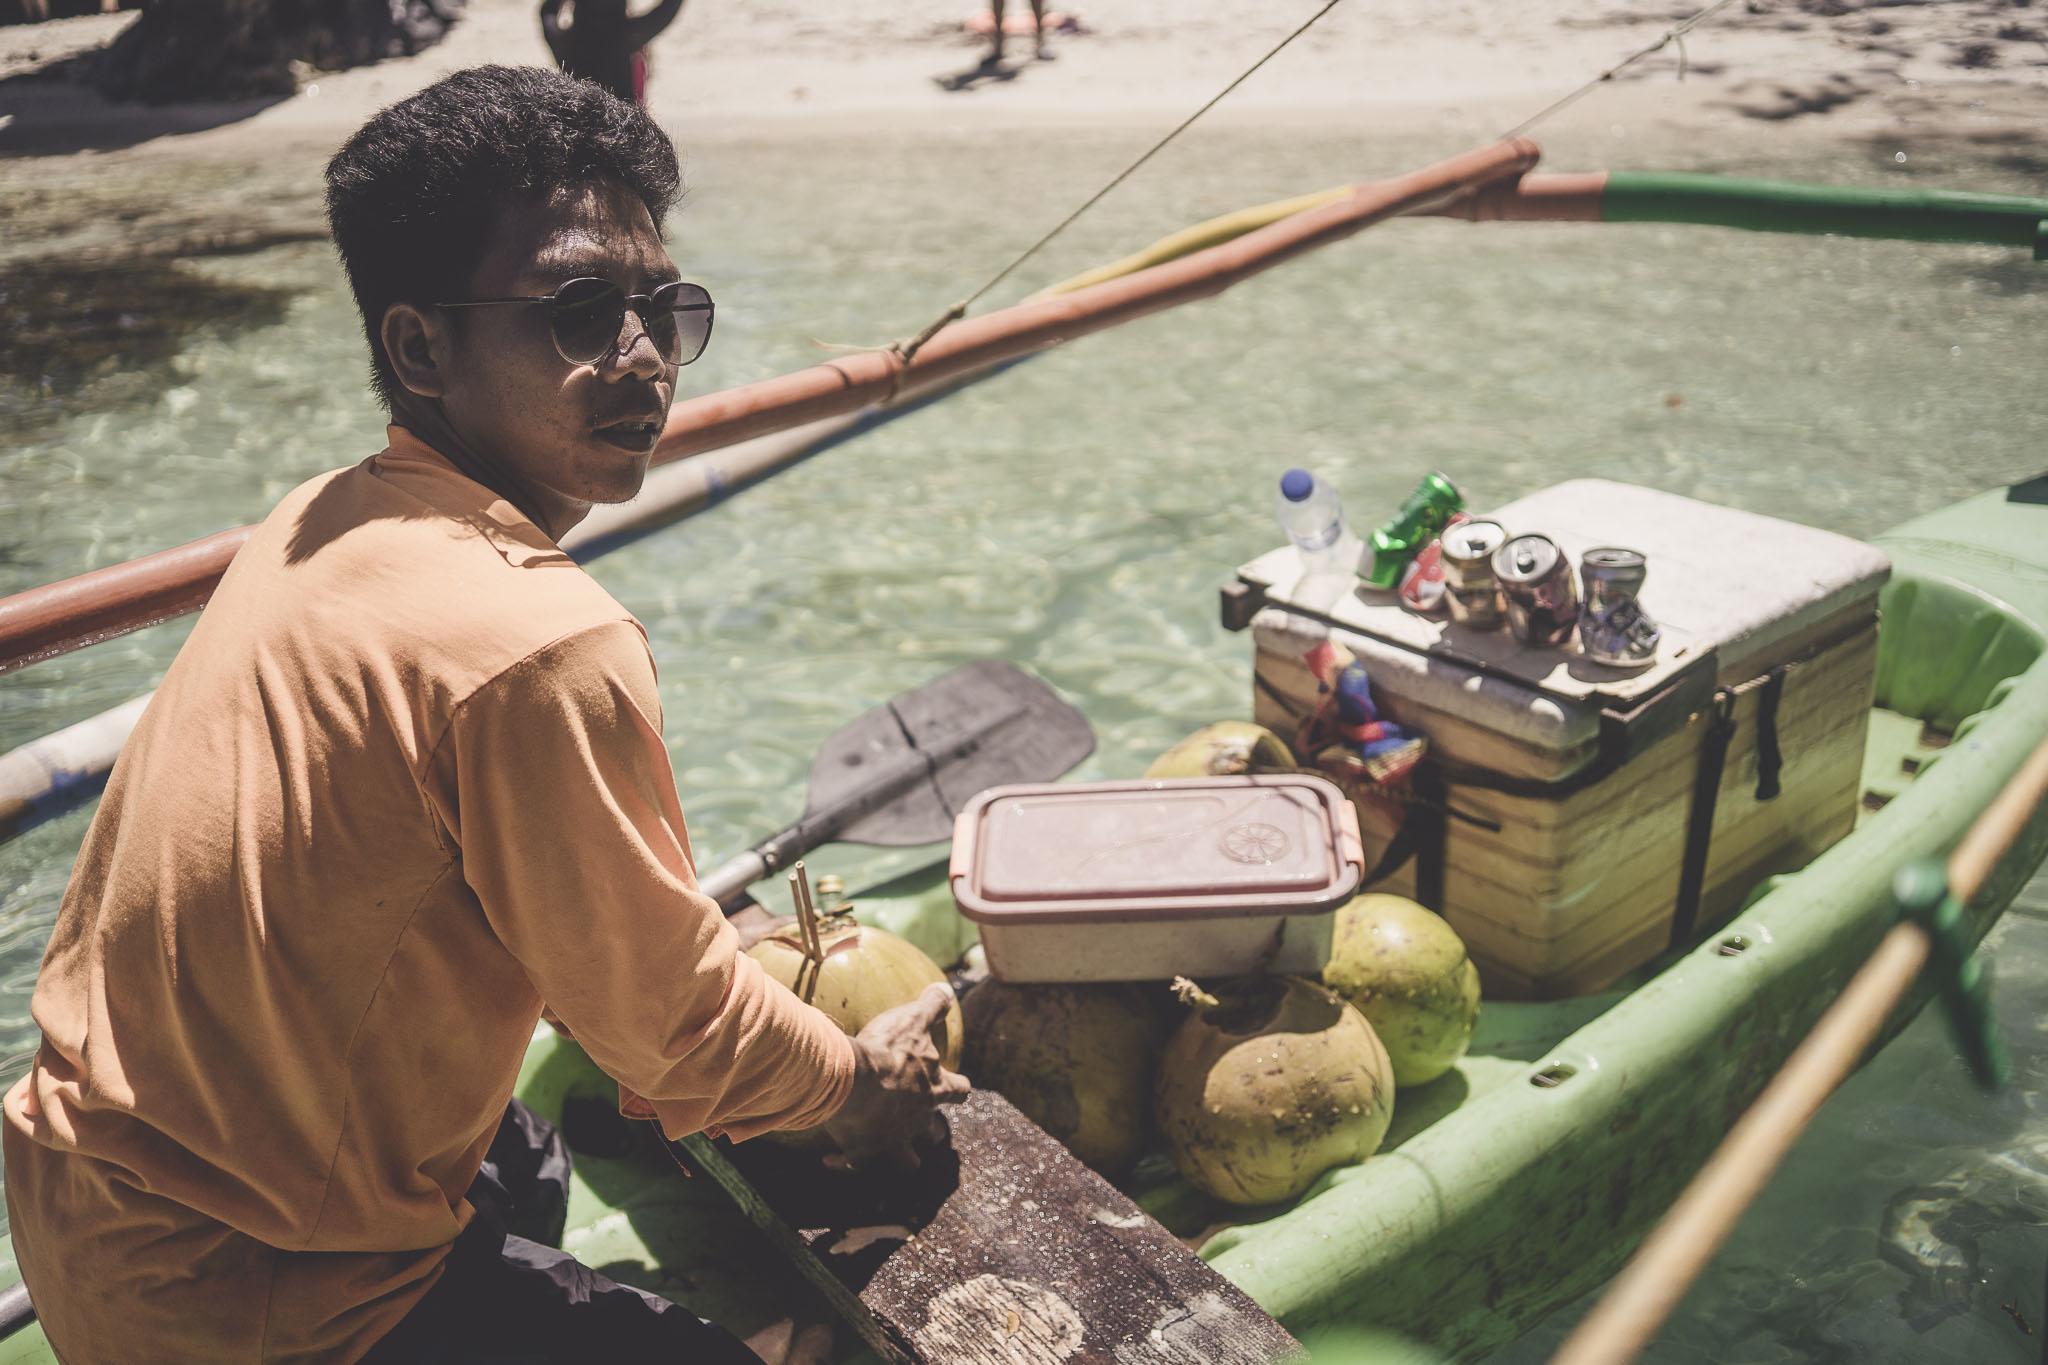 wodny sprzedawca napojów i przekąsek - koniecznie spróbujcie wody ze świeżego kokosa z rumem!